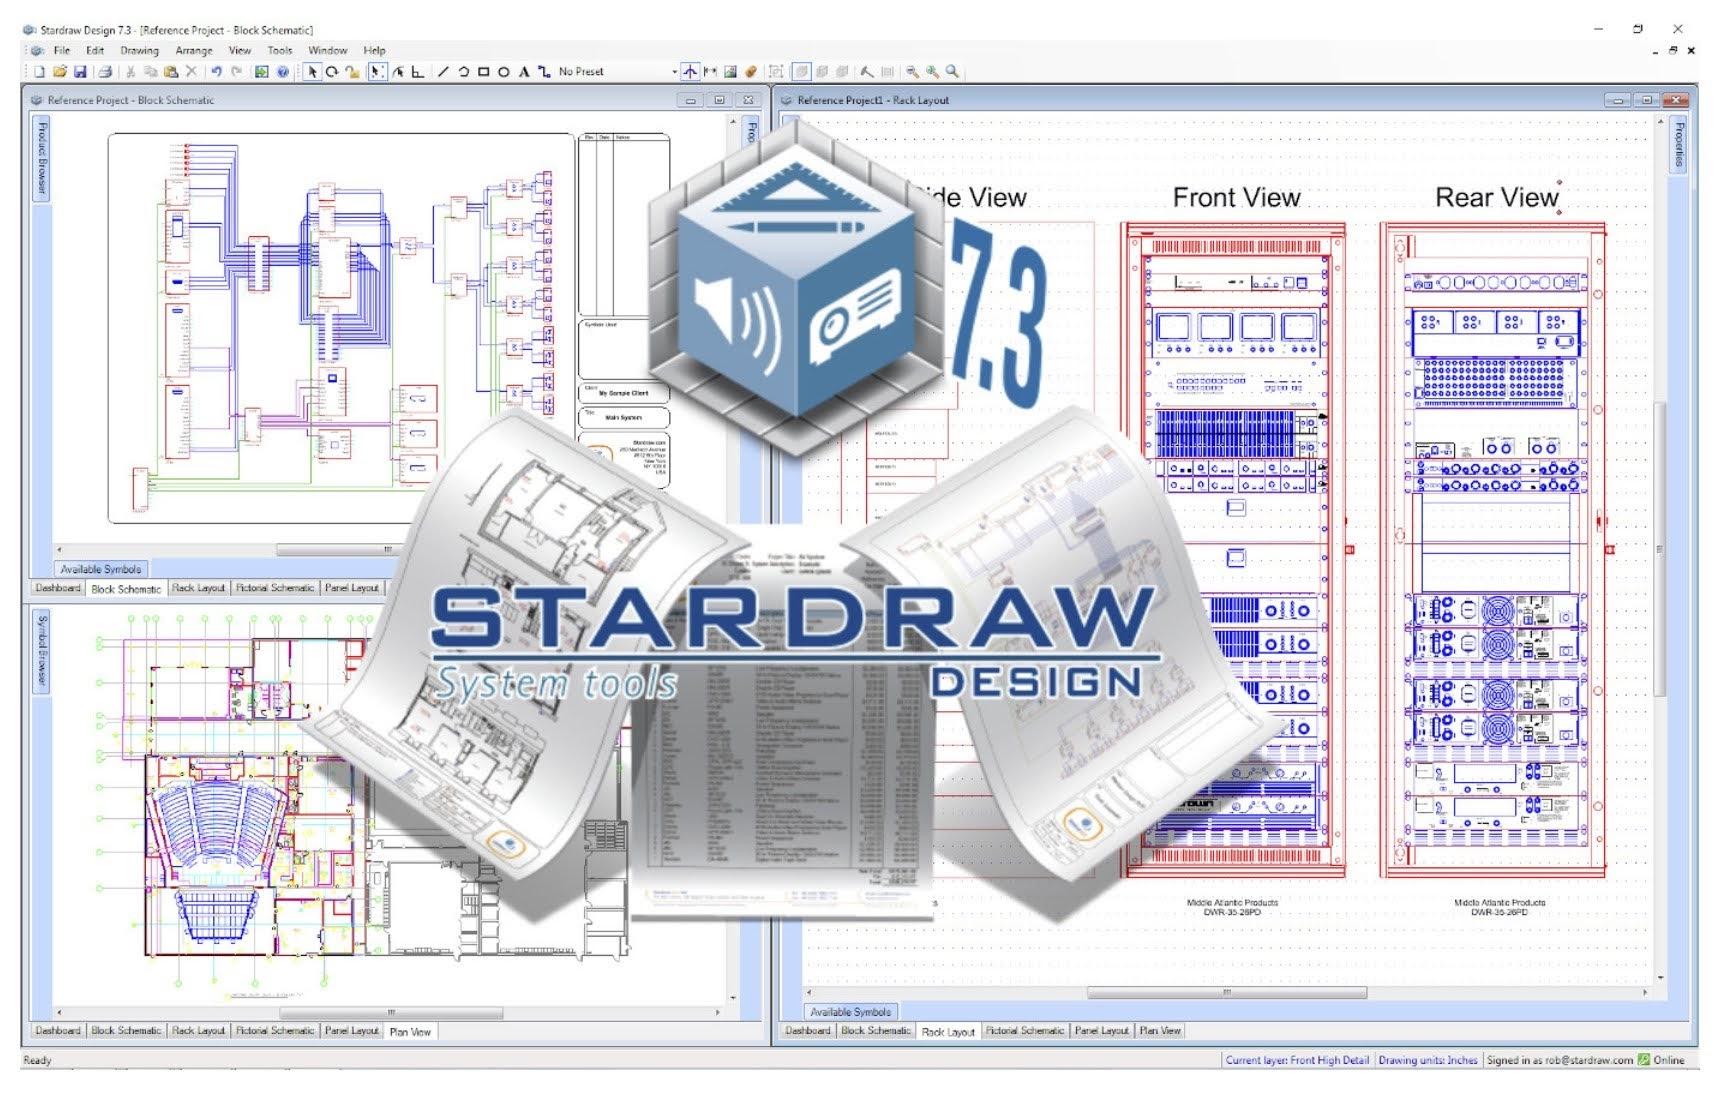 Stardraw Design 7.3 Award-Winning Application for AV Systems Integrators